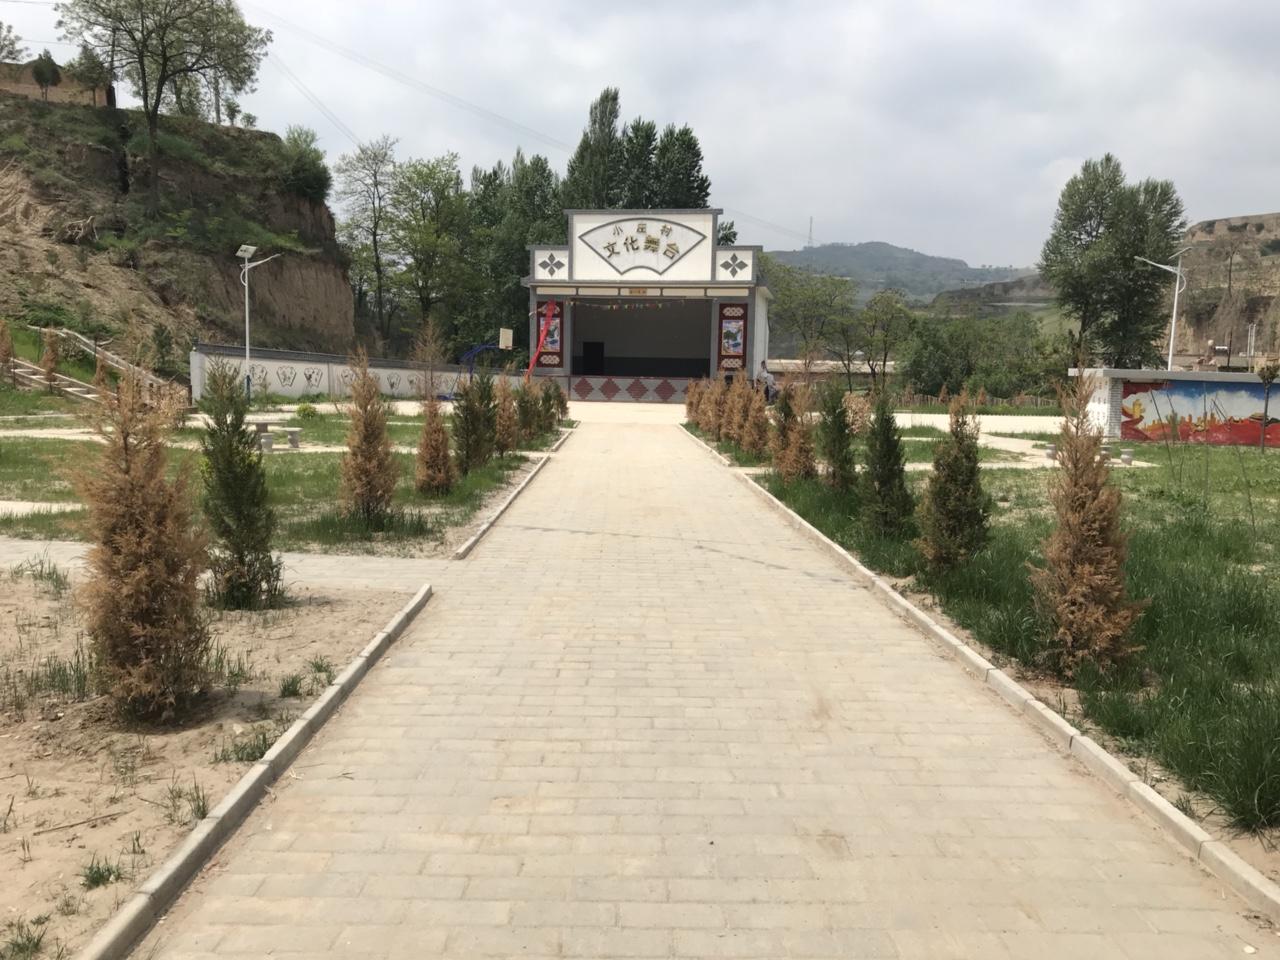 【文化惠民】马关镇小庄村综合文化服务中心风�